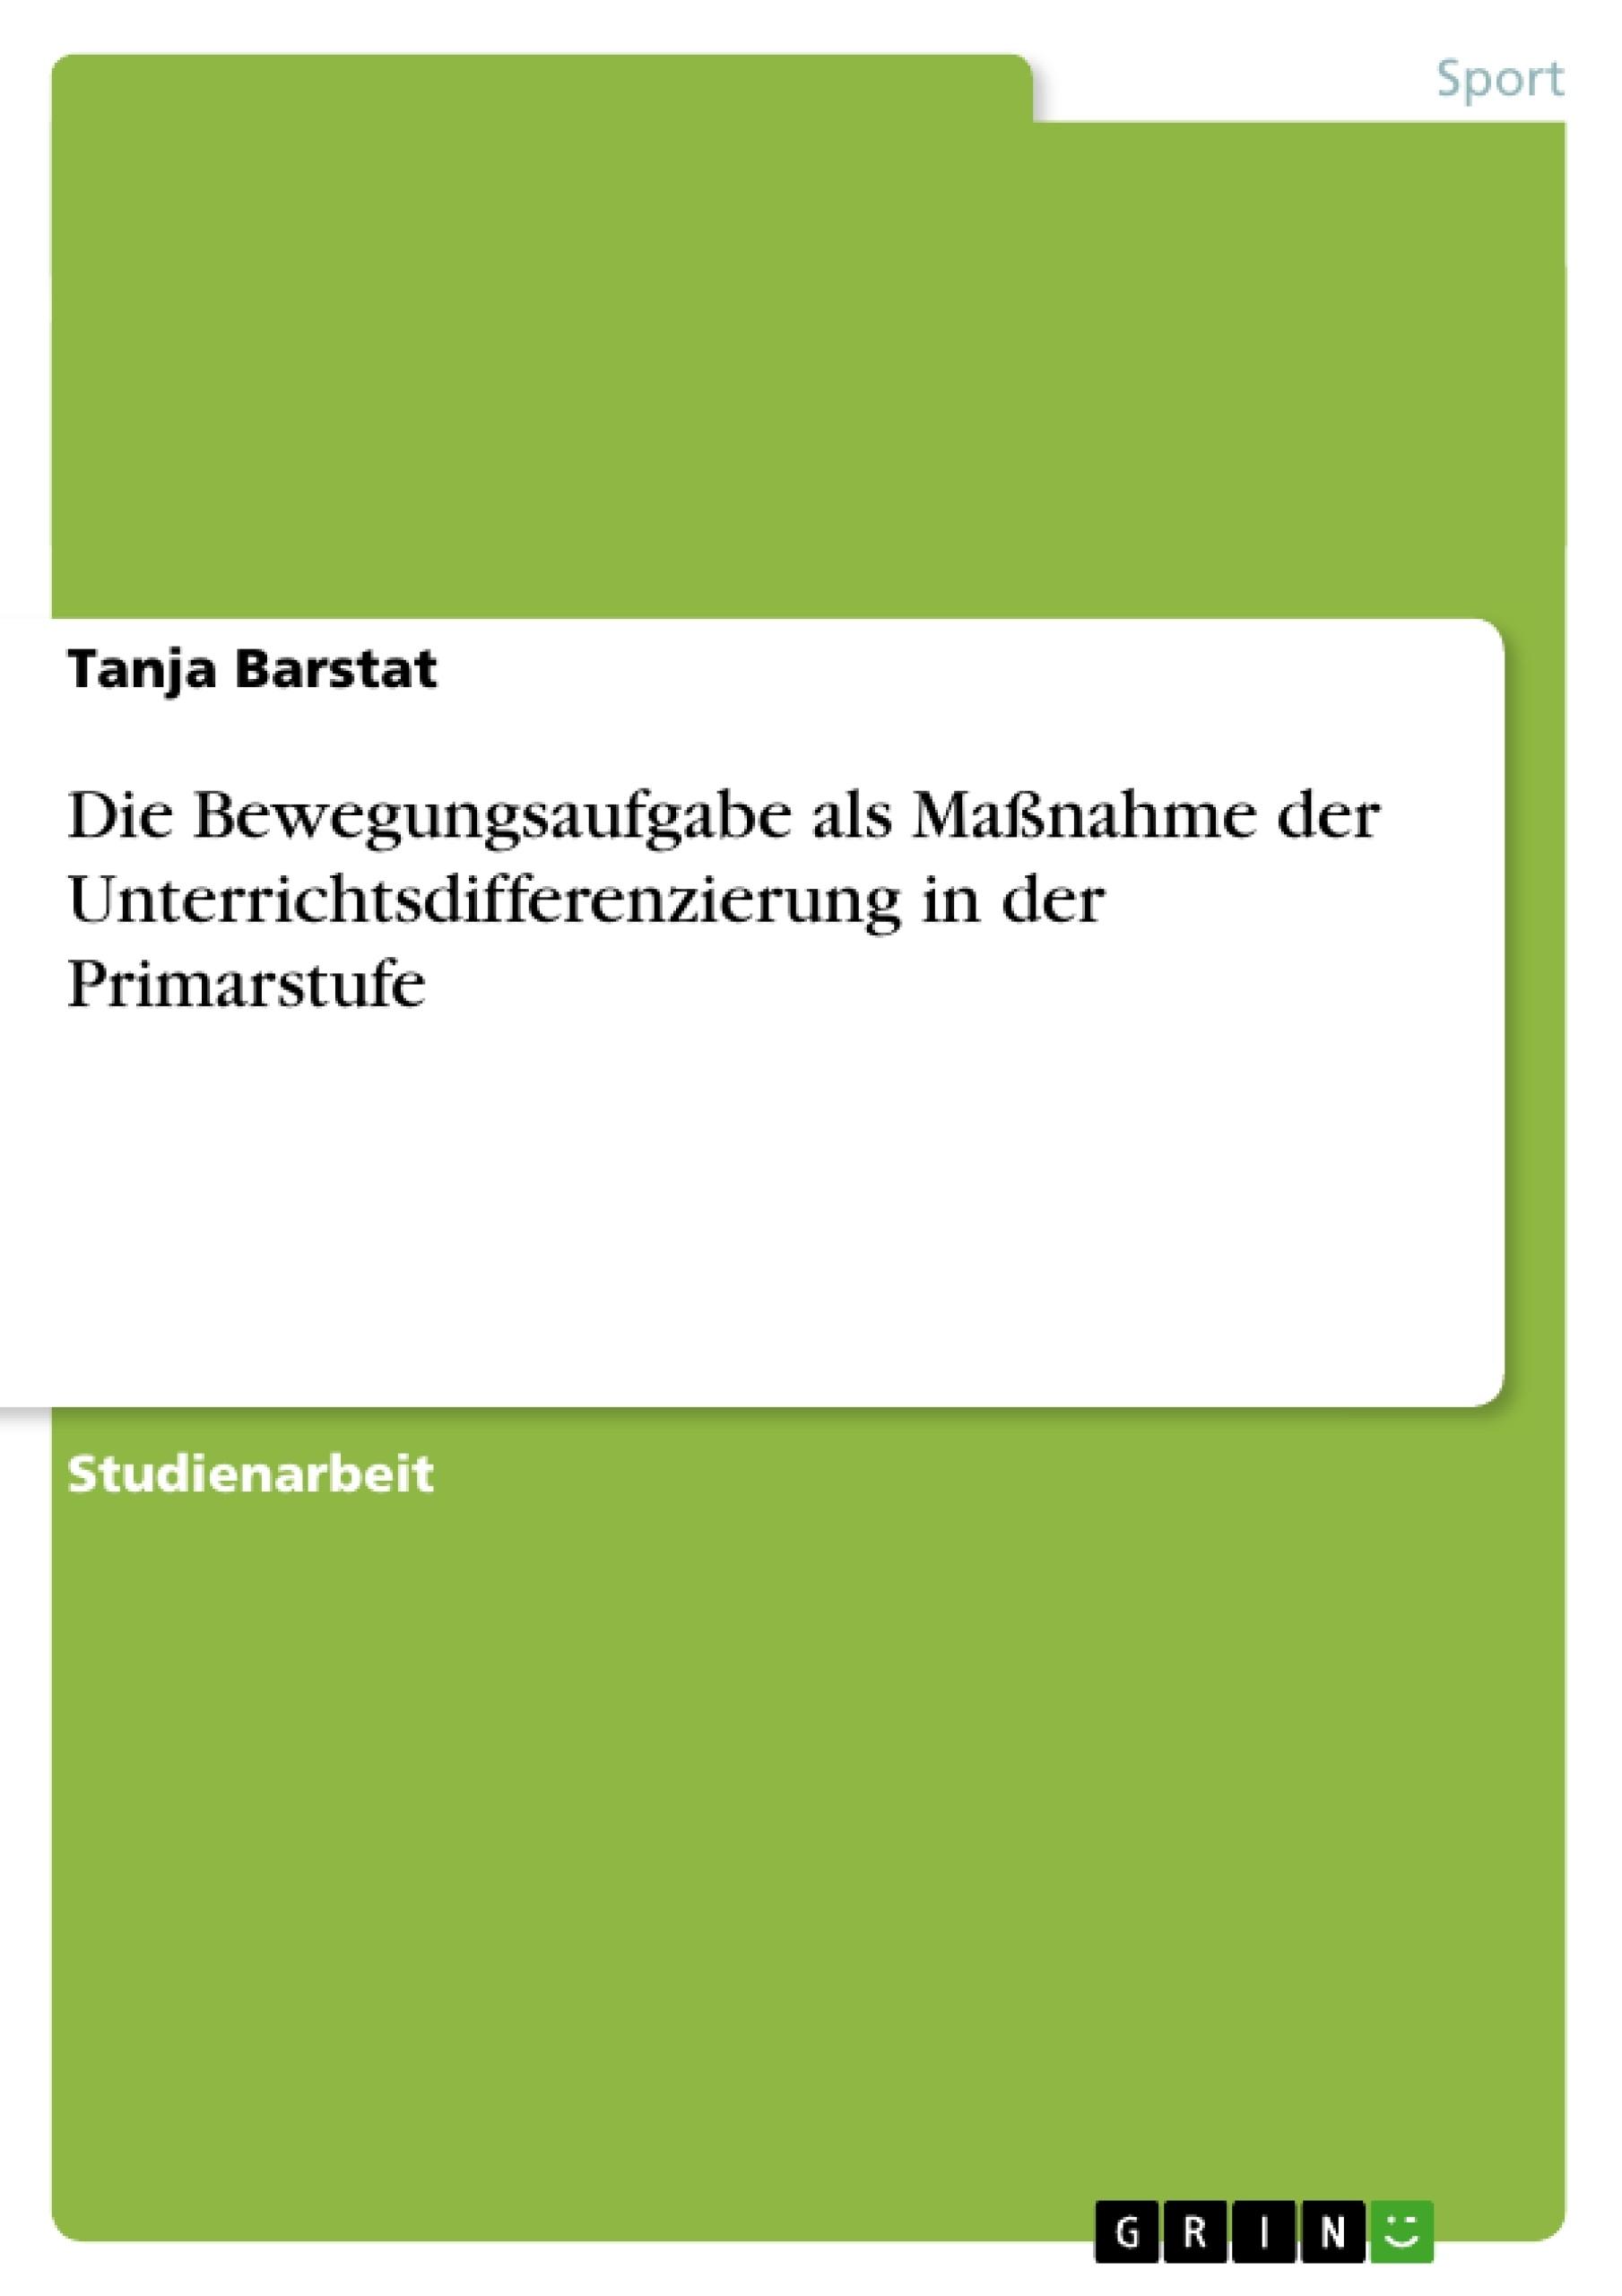 Titel: Die Bewegungsaufgabe als Maßnahme der Unterrichtsdifferenzierung in der Primarstufe